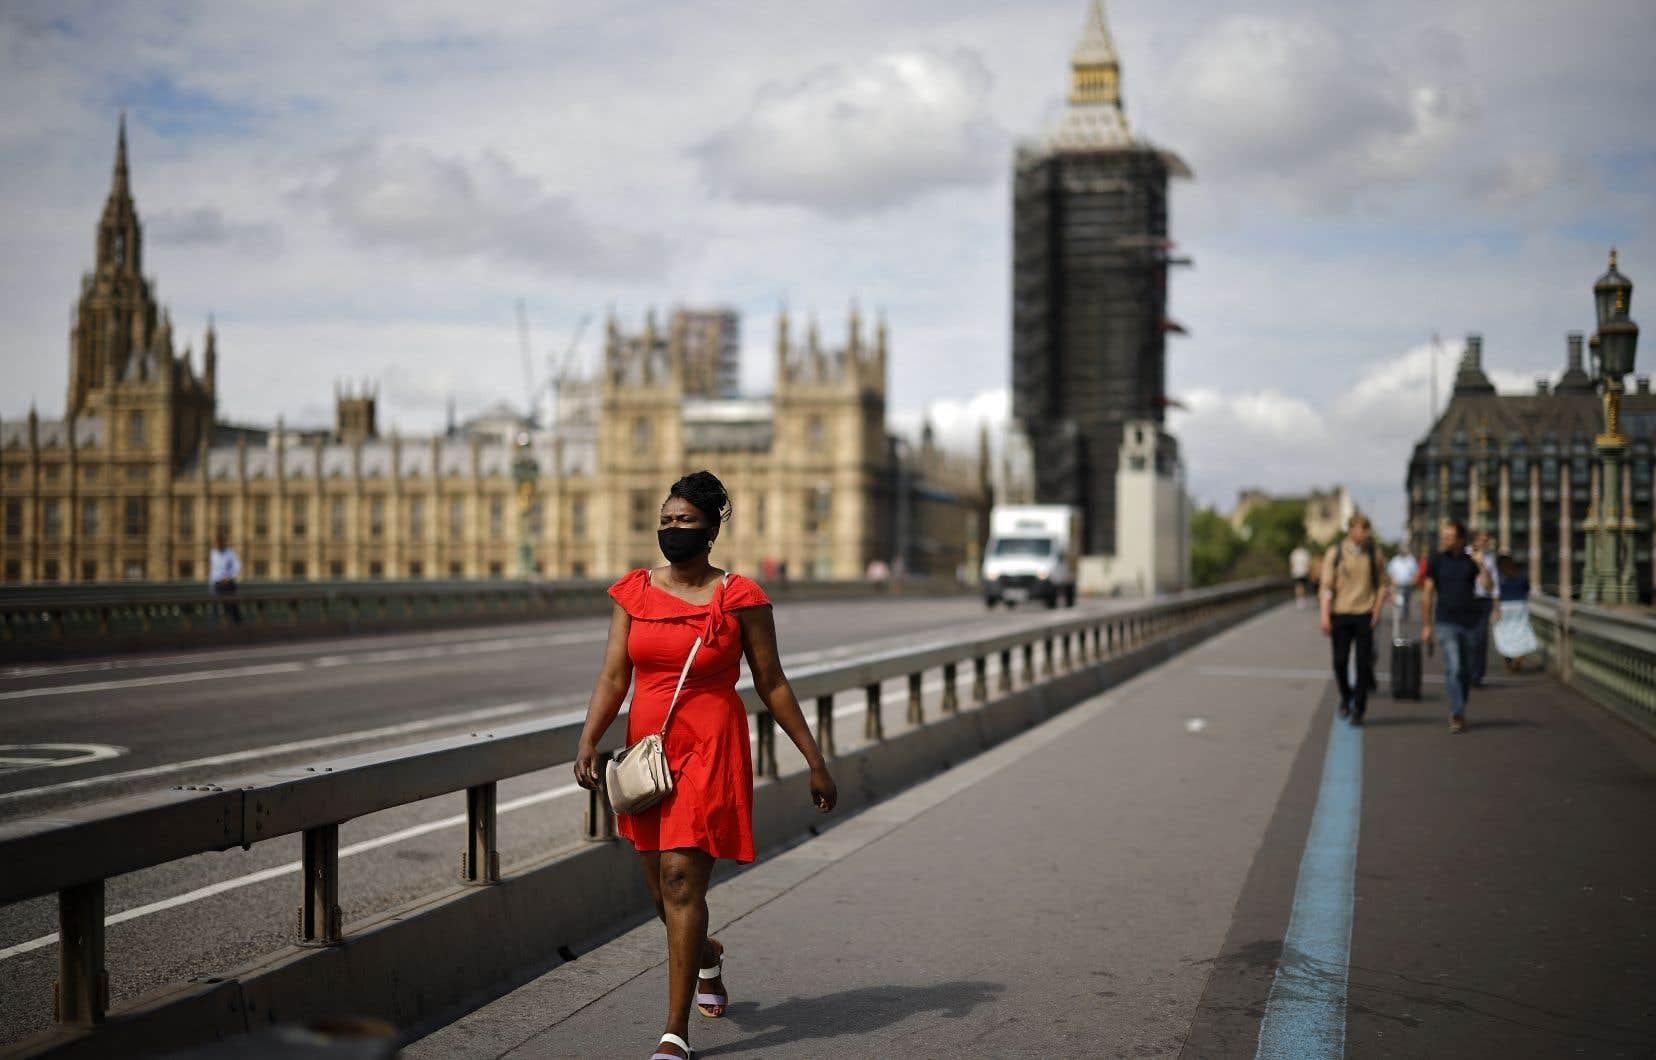 Au terme d'une séance ayant vu la plupart des places européennes perdre jusqu'à plus de 3%, la Bourse de Londres a fini en baisse de 2,34%.